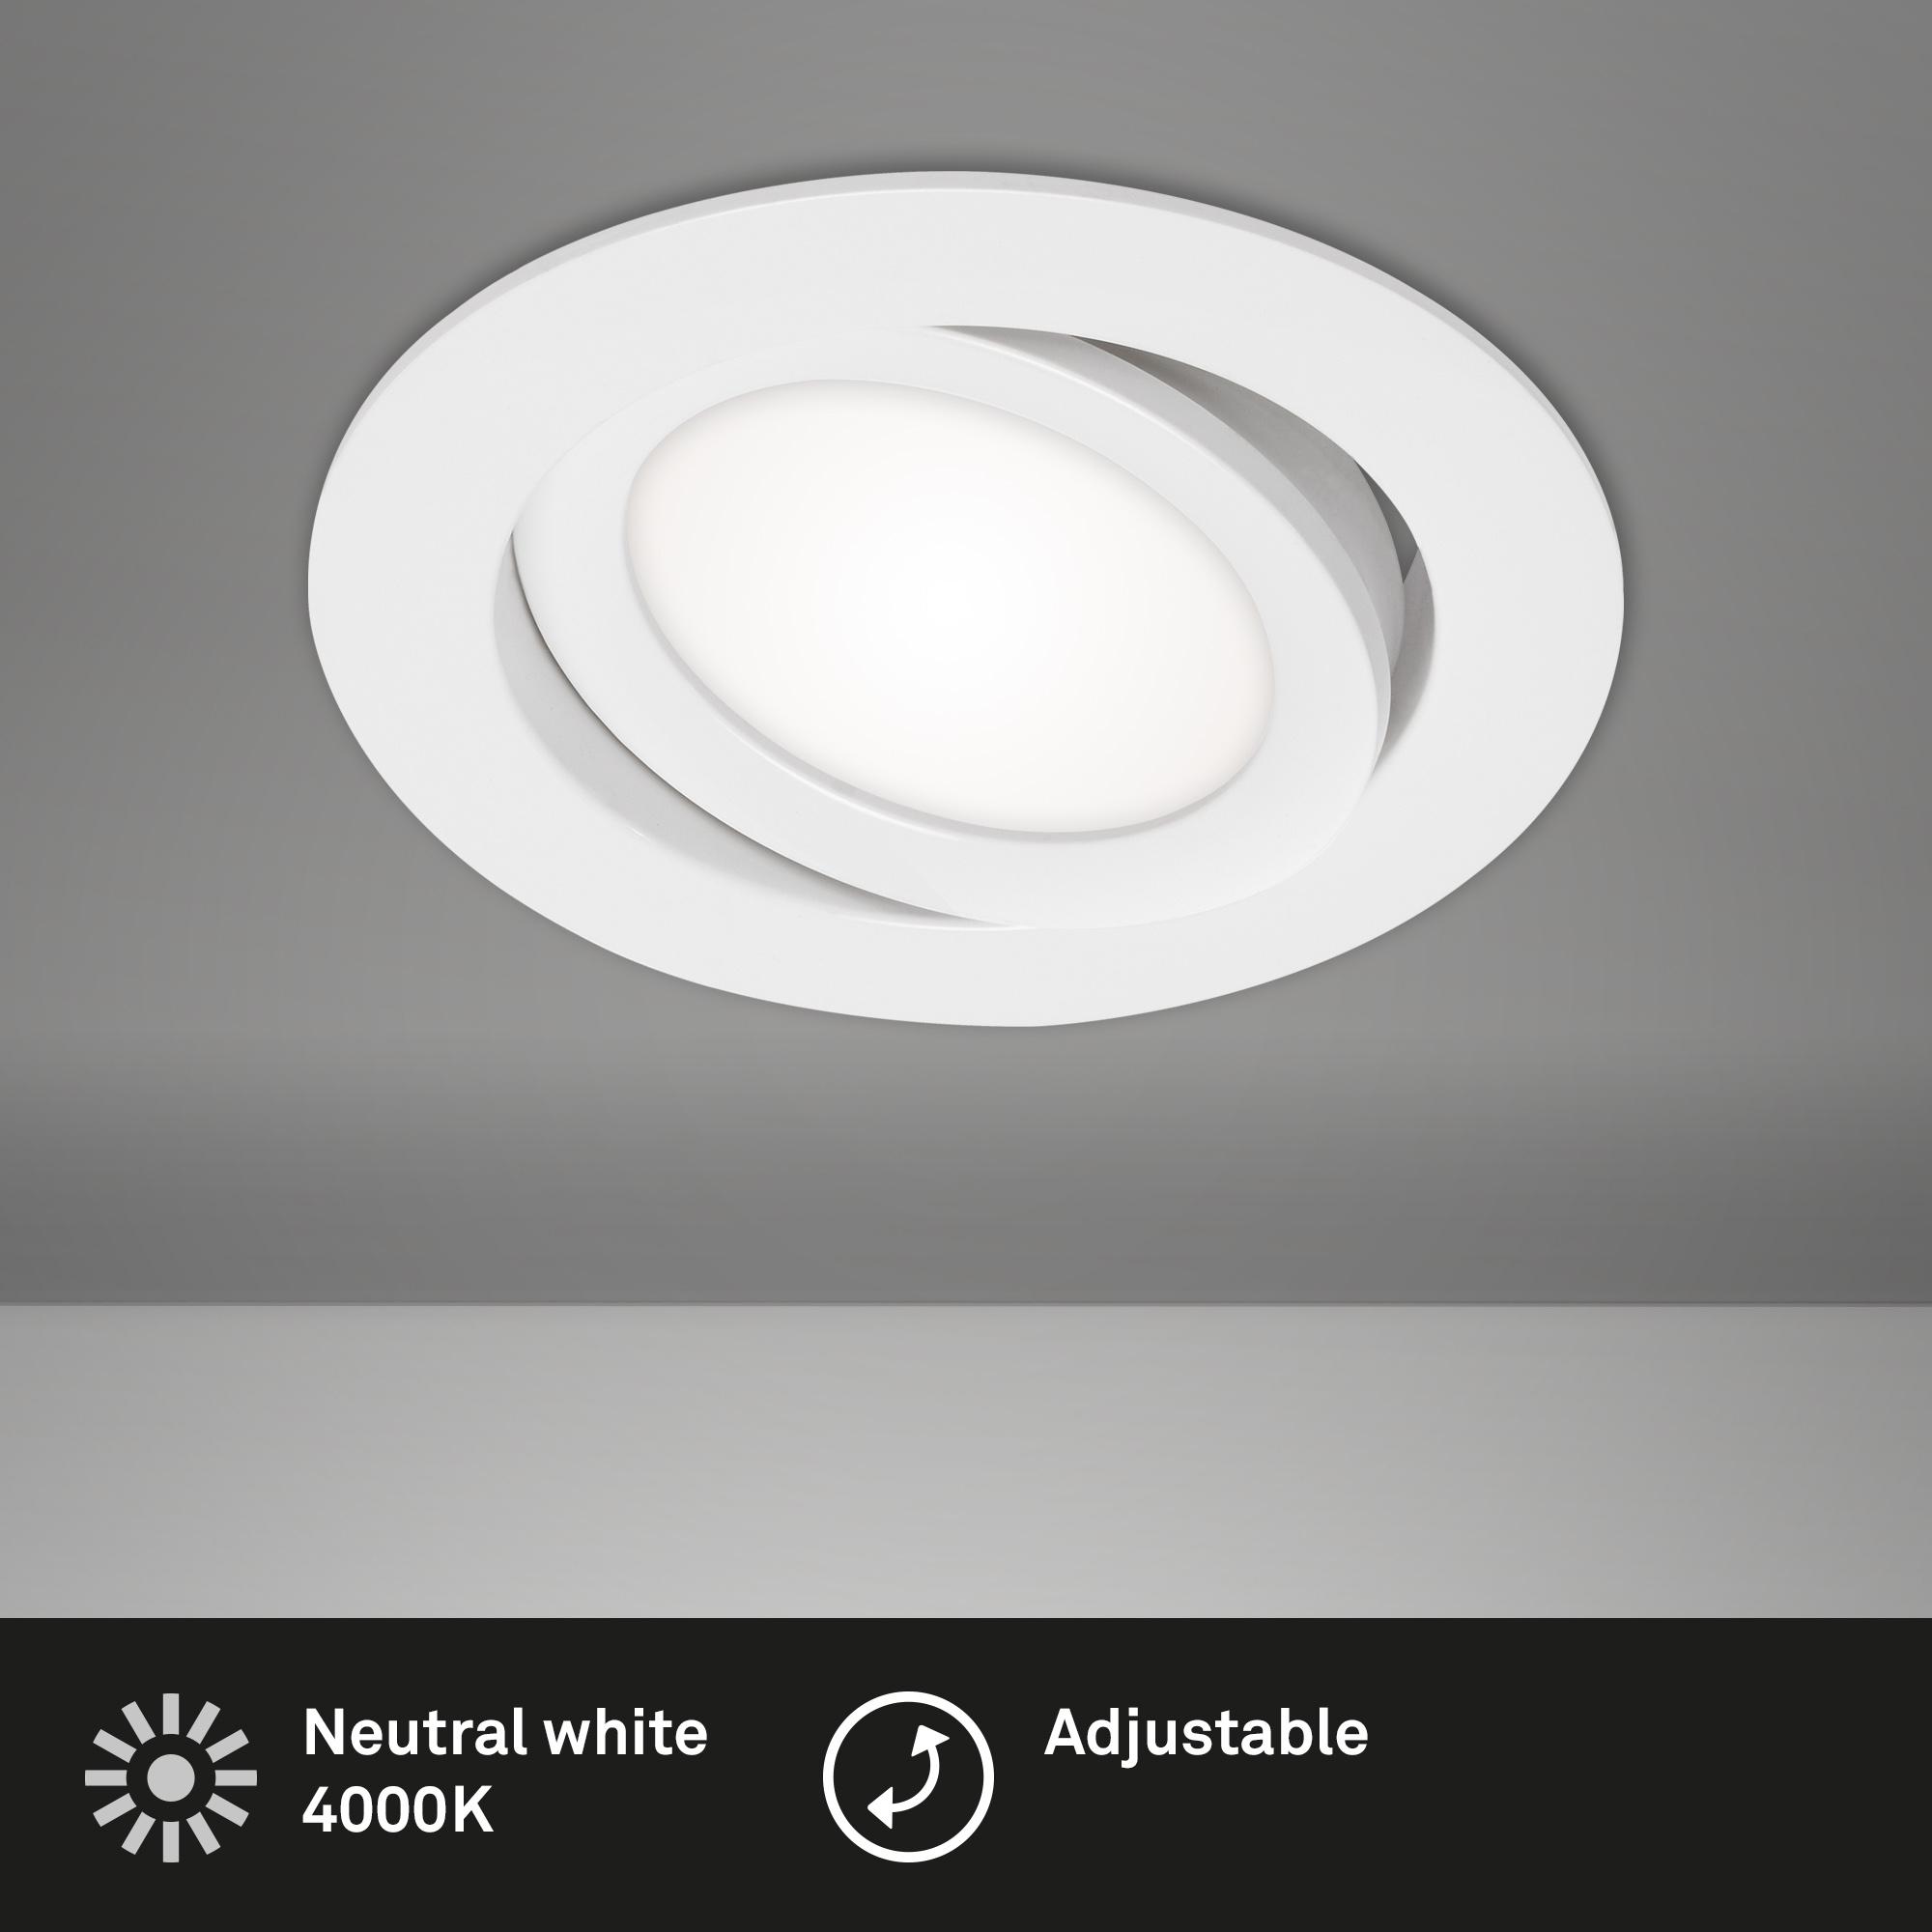 LED Einbauleuchte, Ø 10,6 cm, 7 W, Weiß